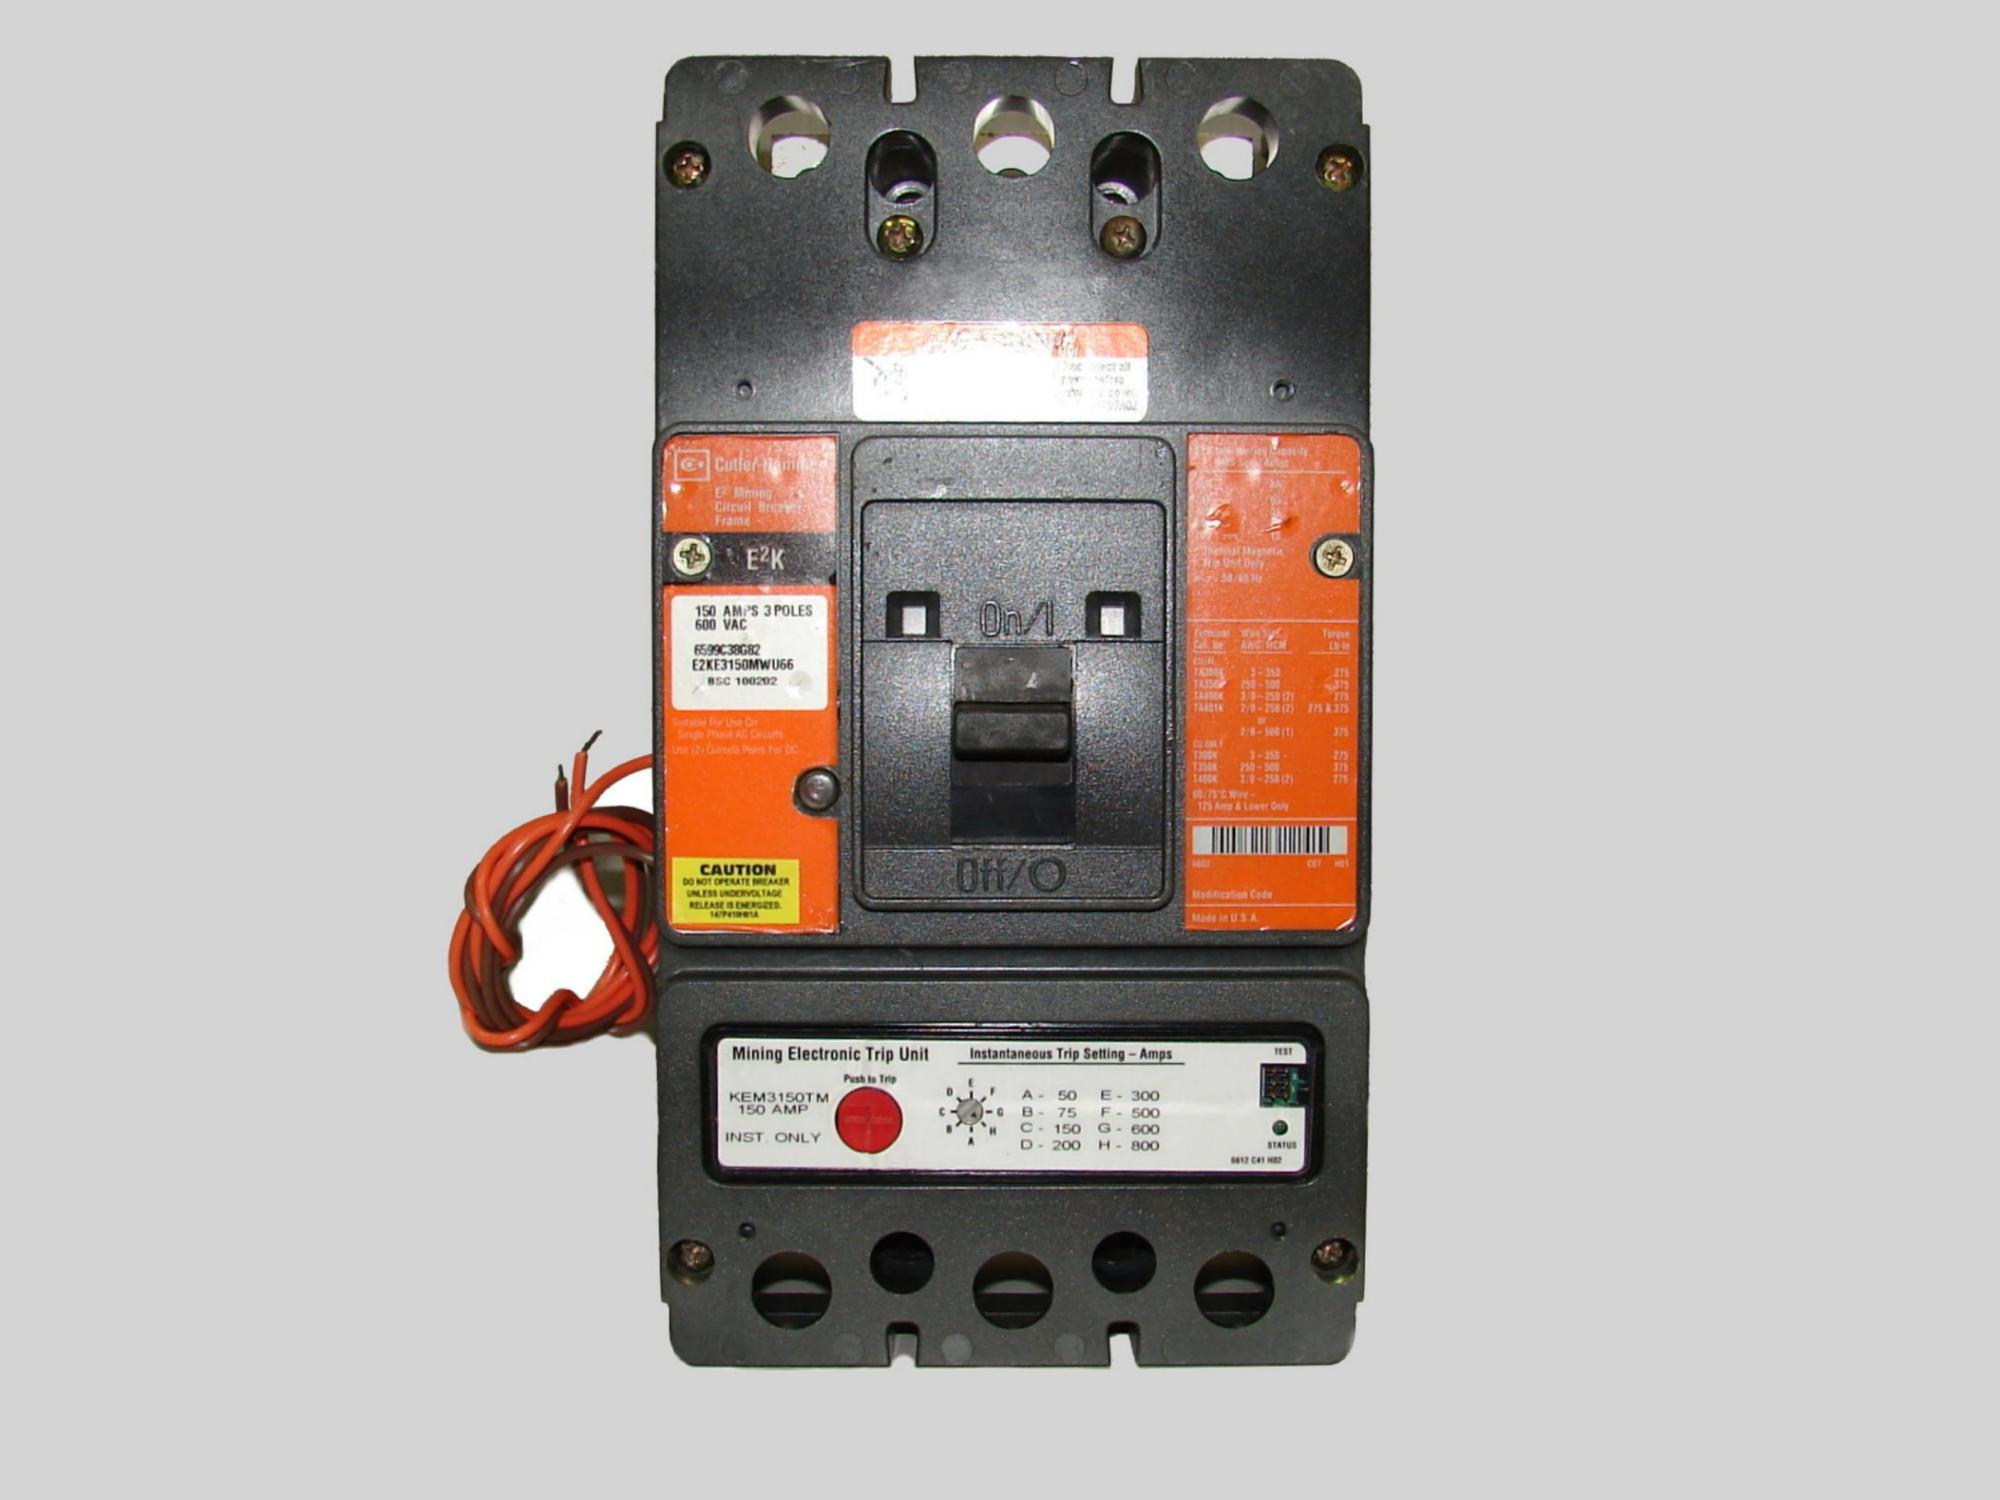 Mining Circuit Breaker Repair Program Call For Details